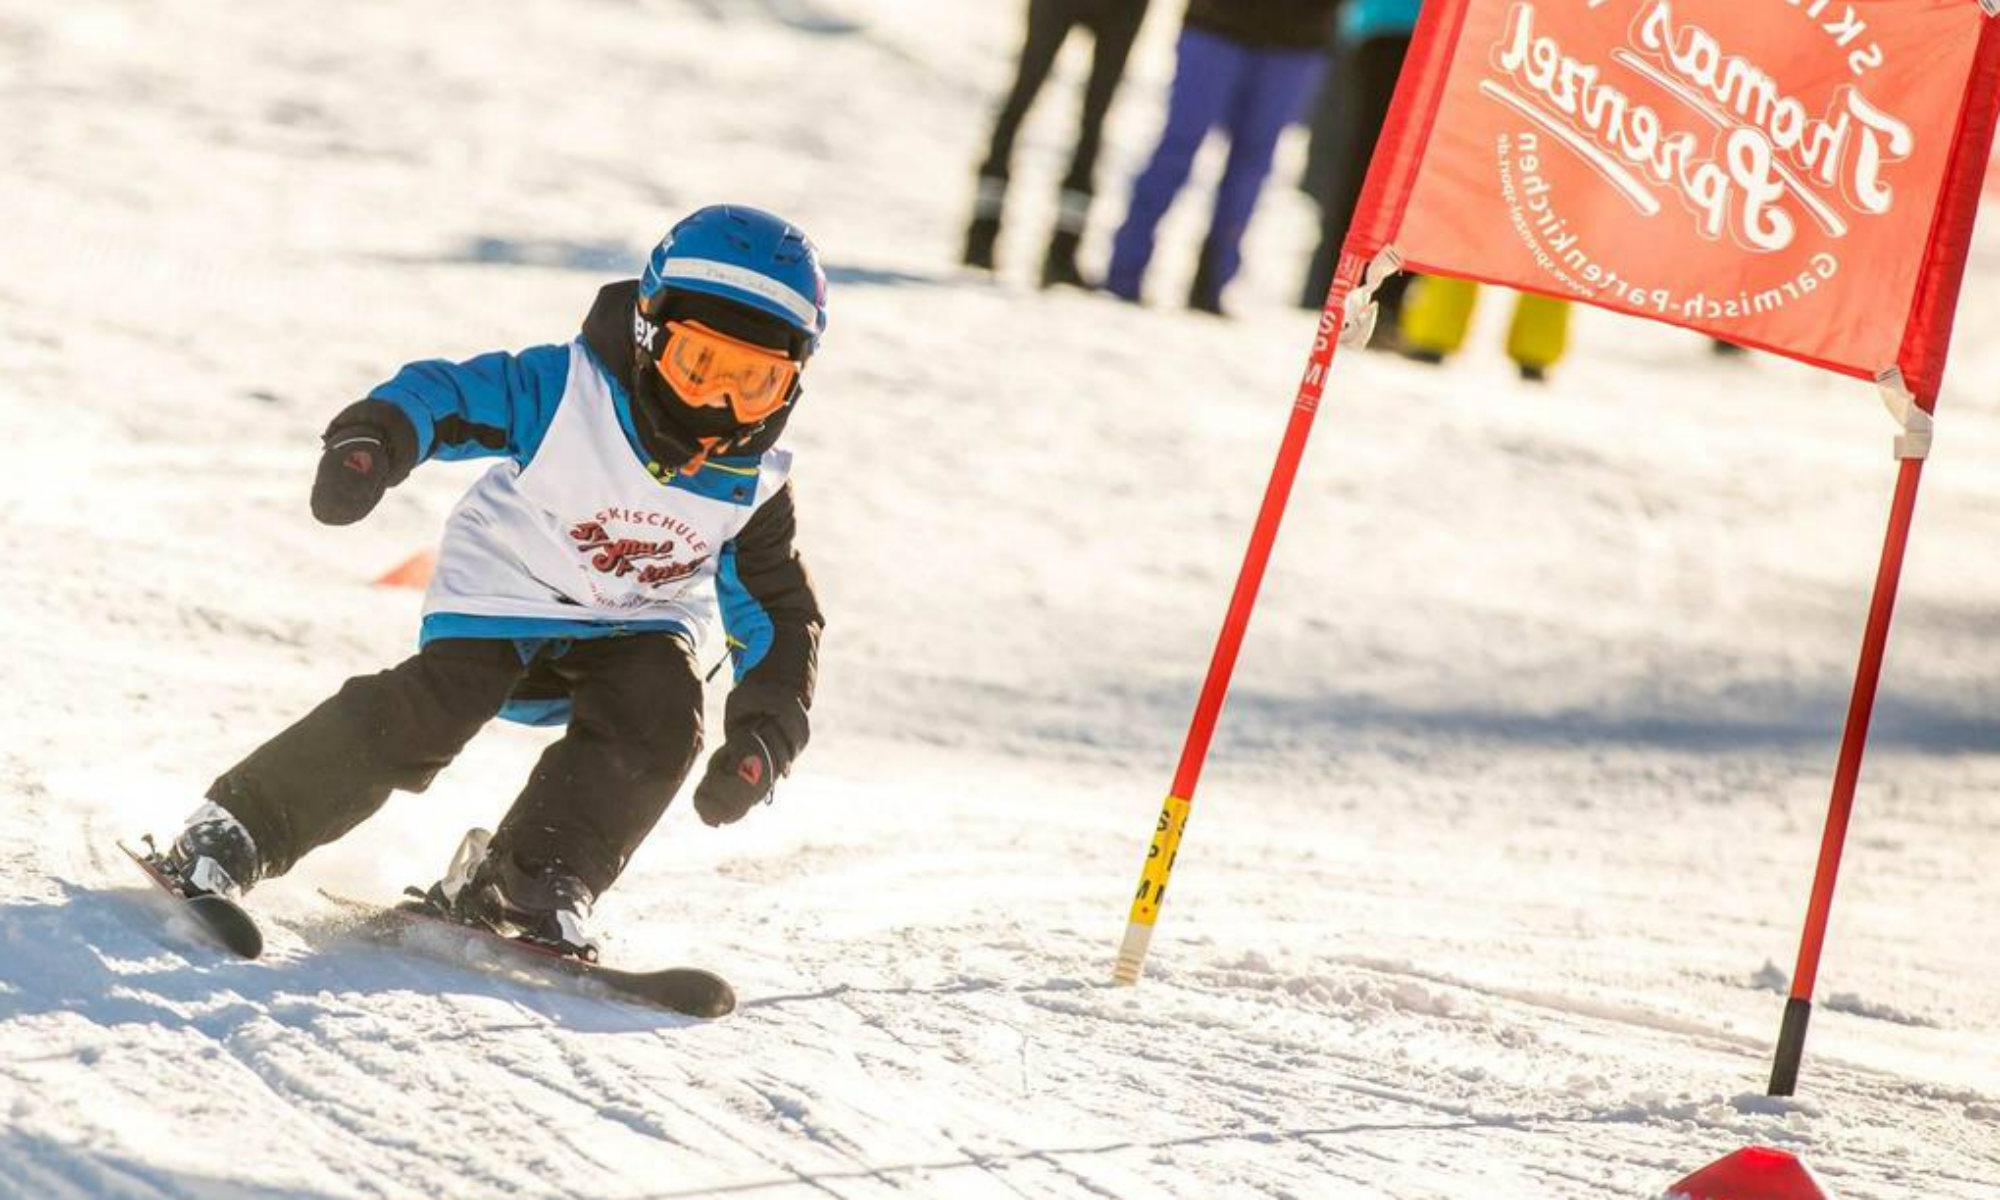 Ein Kind beim Umfahren eines Bogens auf einer Piste des Skigebiets Garmisch-Classic.